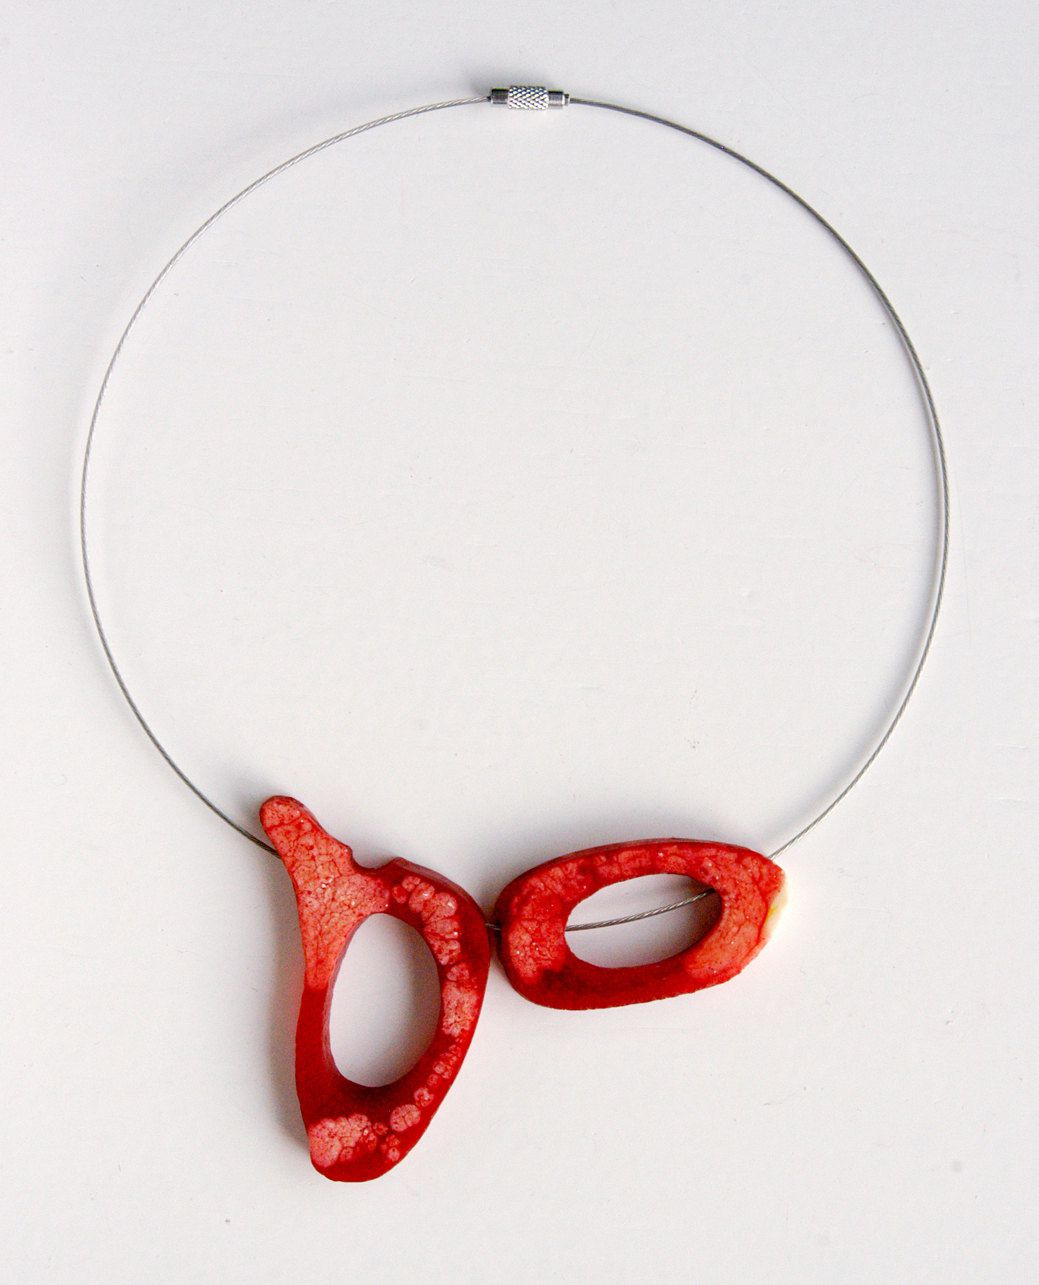 Collier aus Kunstharzelementen aus der Edna Mo Schmuckmanufaktur.